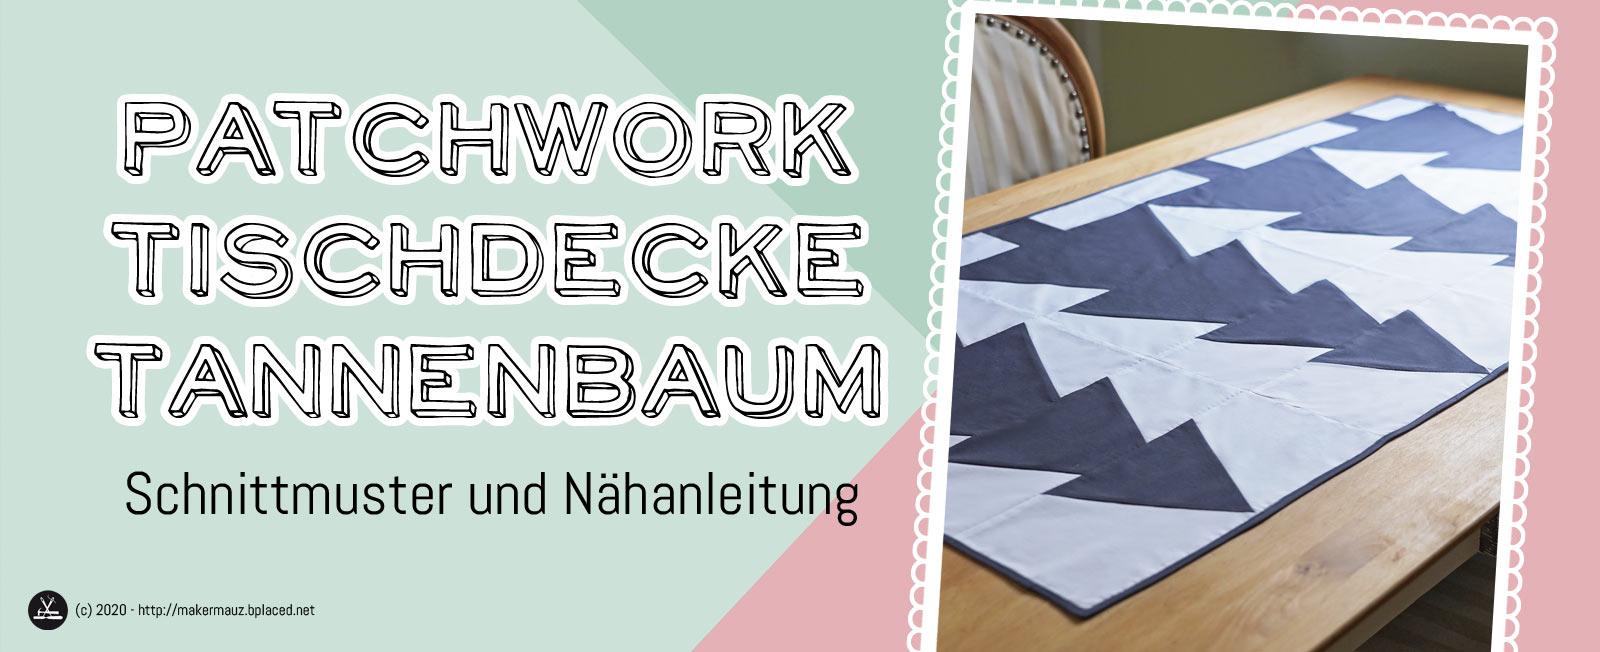 Patchwork Tischdecke Tannenbaum